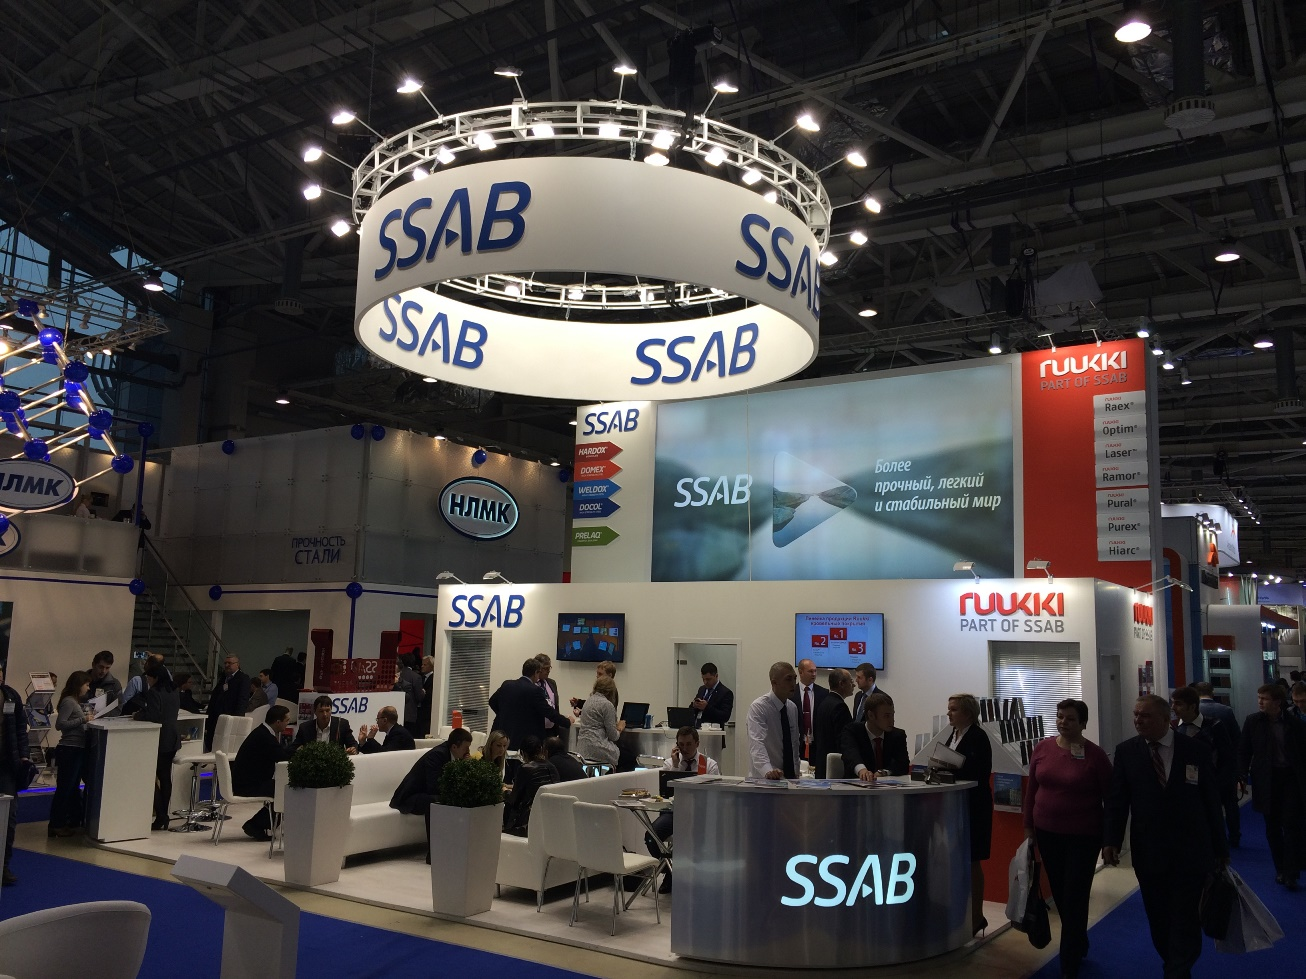 стенд SSAB и RUUKKI на выставке Металл-Экспо в Москве